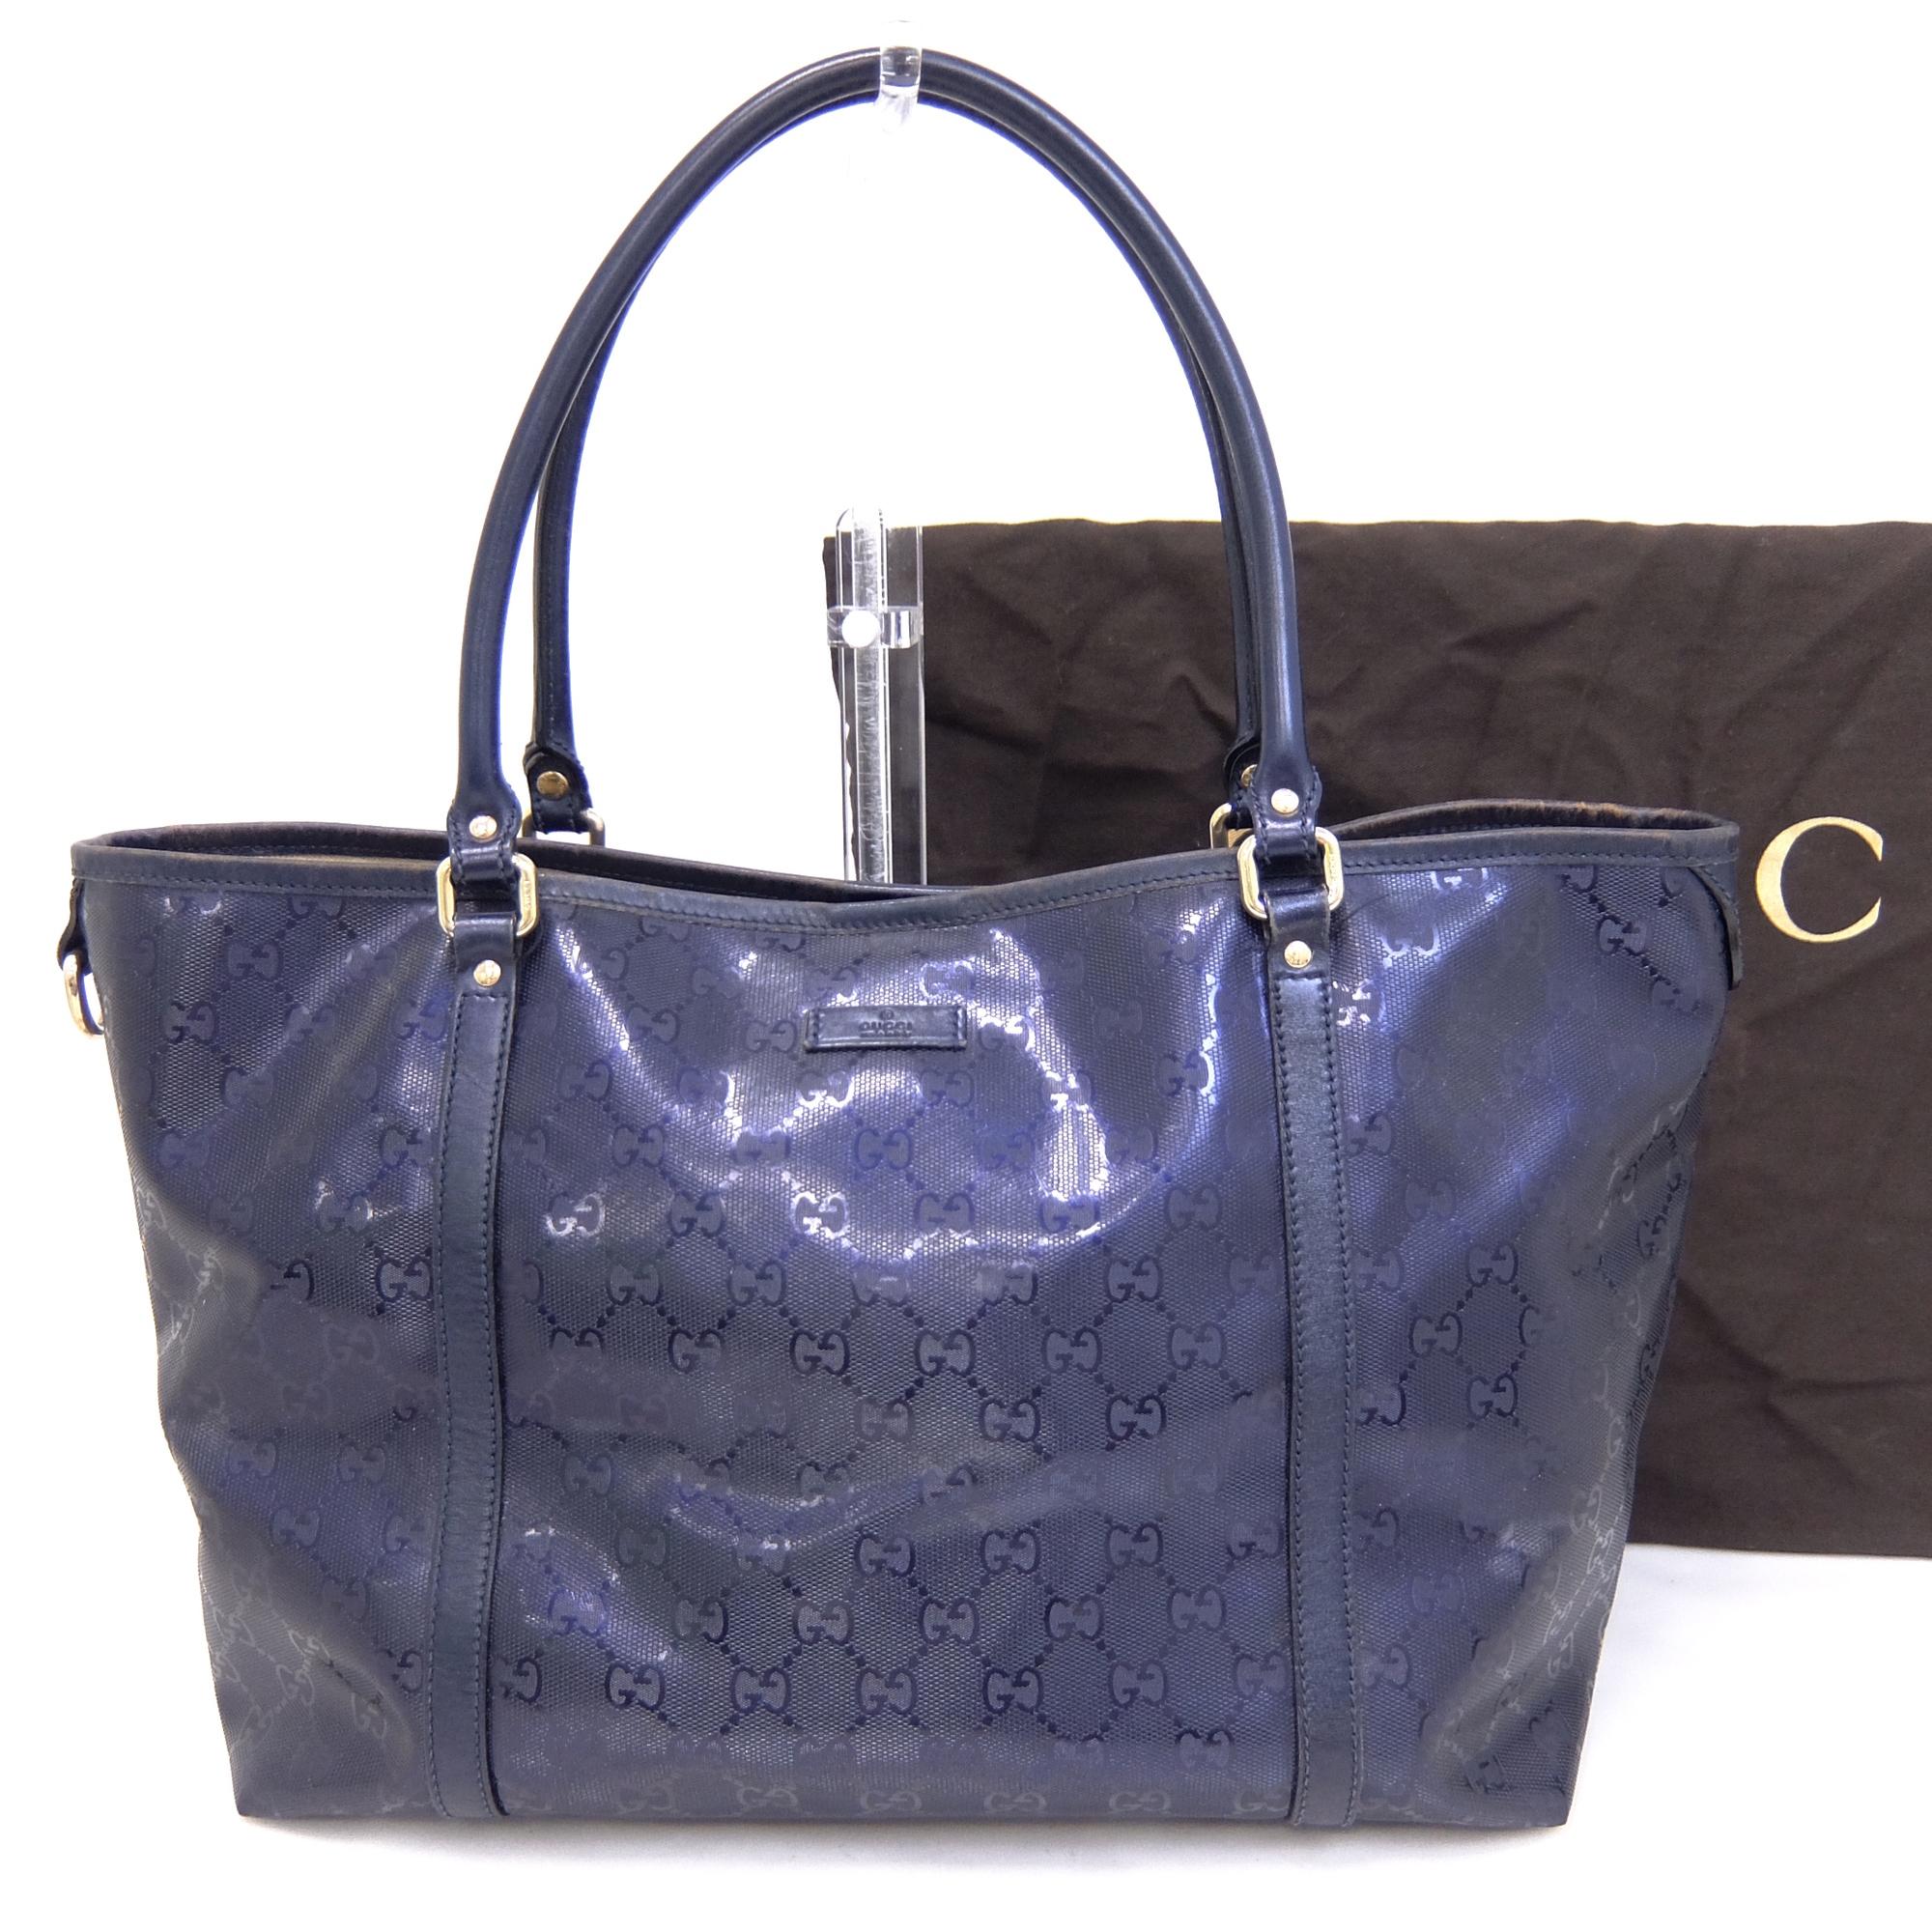 79d25d53 Details about Auth Gucci GG Imprimé Women's GG Imprimé,PVC Tote Bag Navy